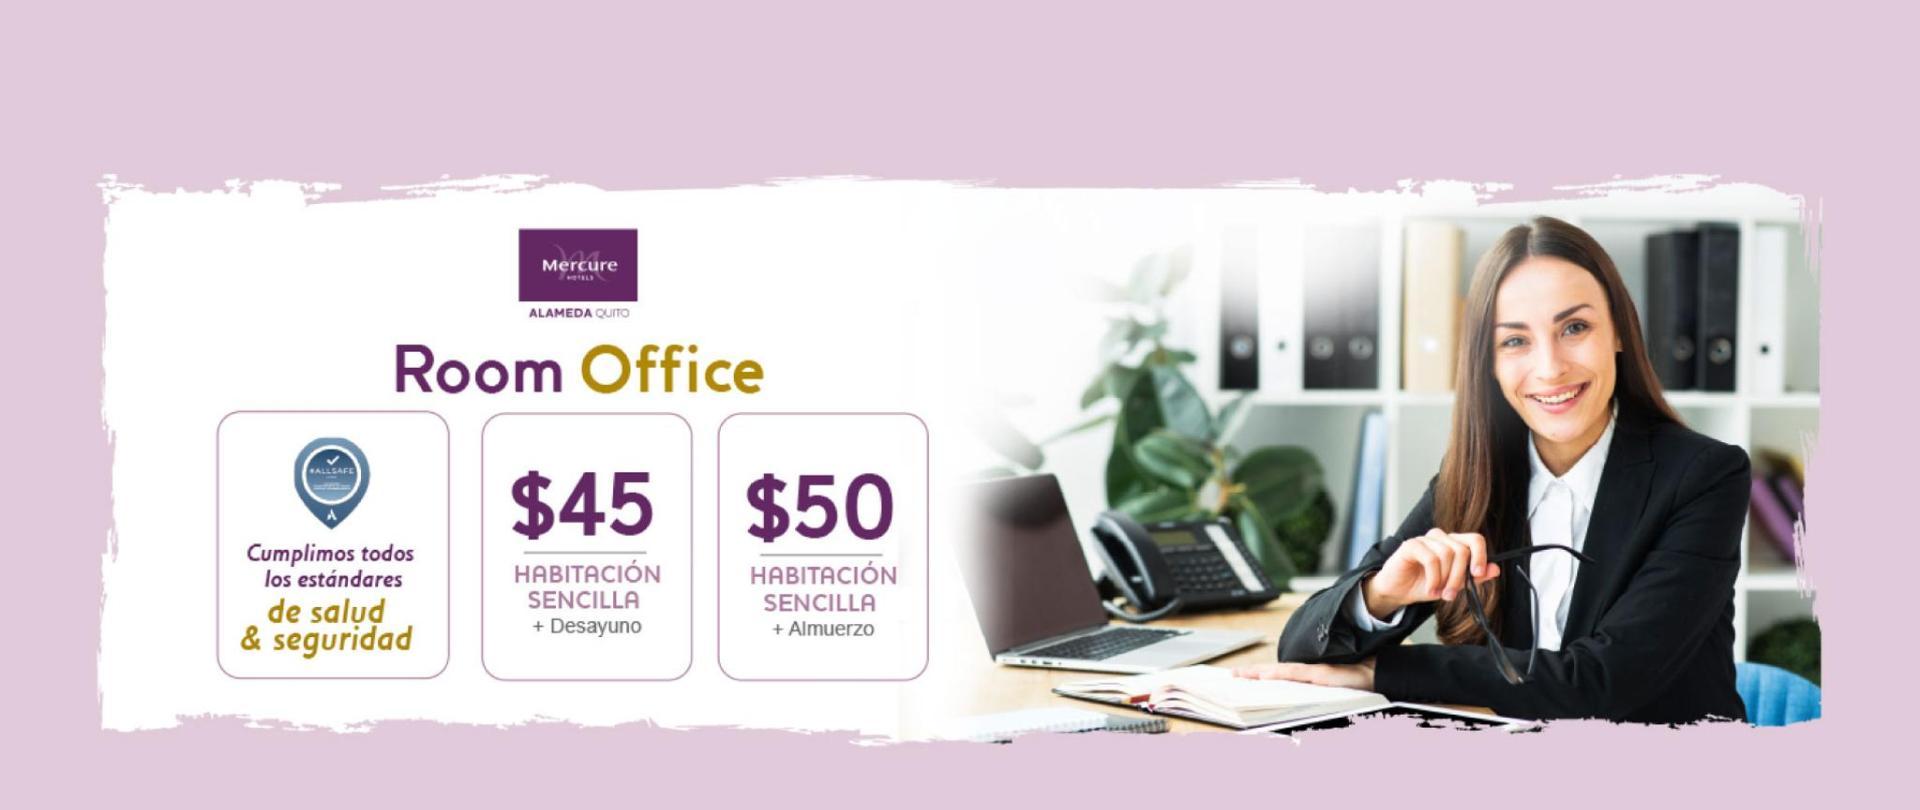 room-office-2.jpg